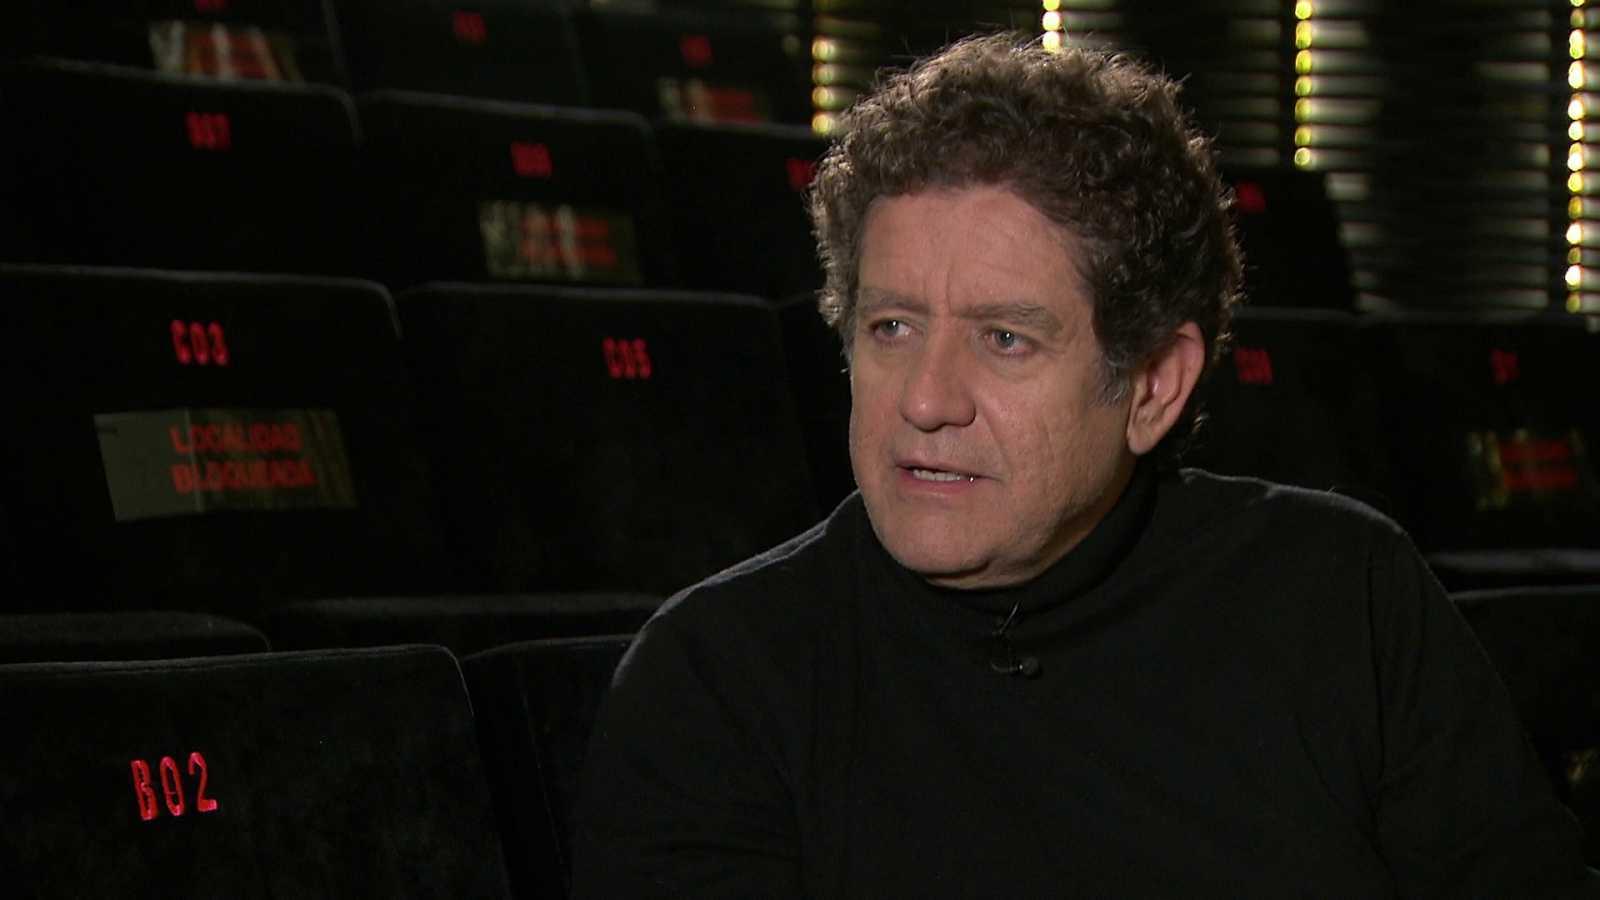 Entrevista completa con el actor Pedro Casablanc